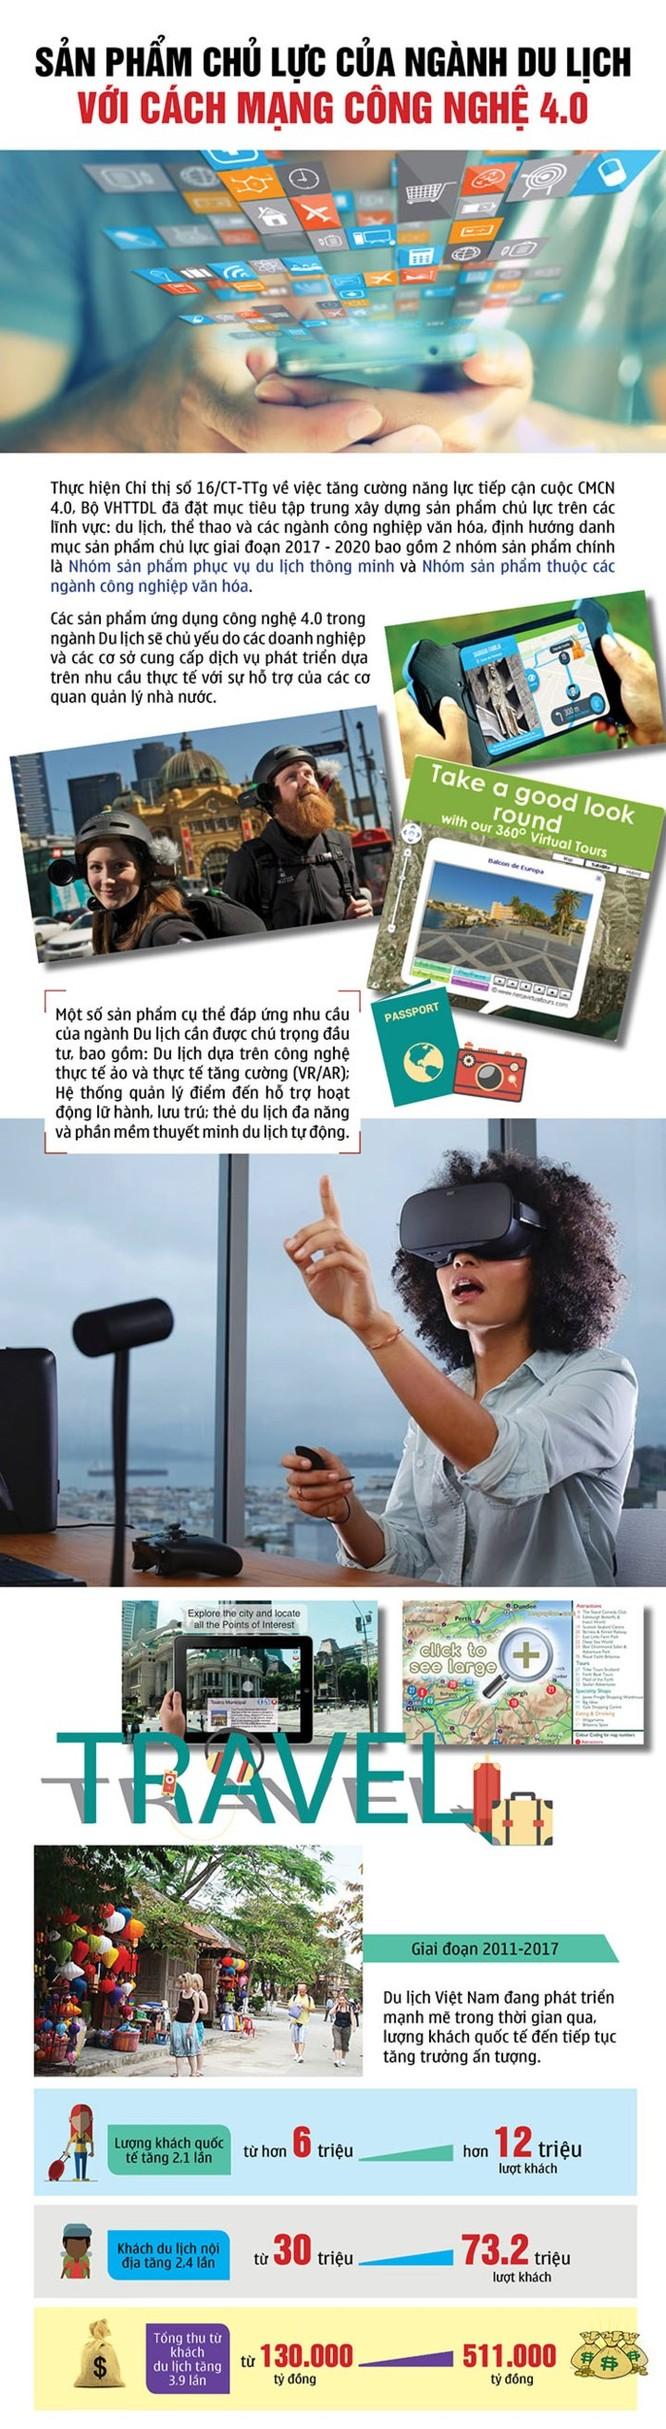 Sản phẩm chủ lực của du lịch trong cách mạng 4.0 ảnh 1